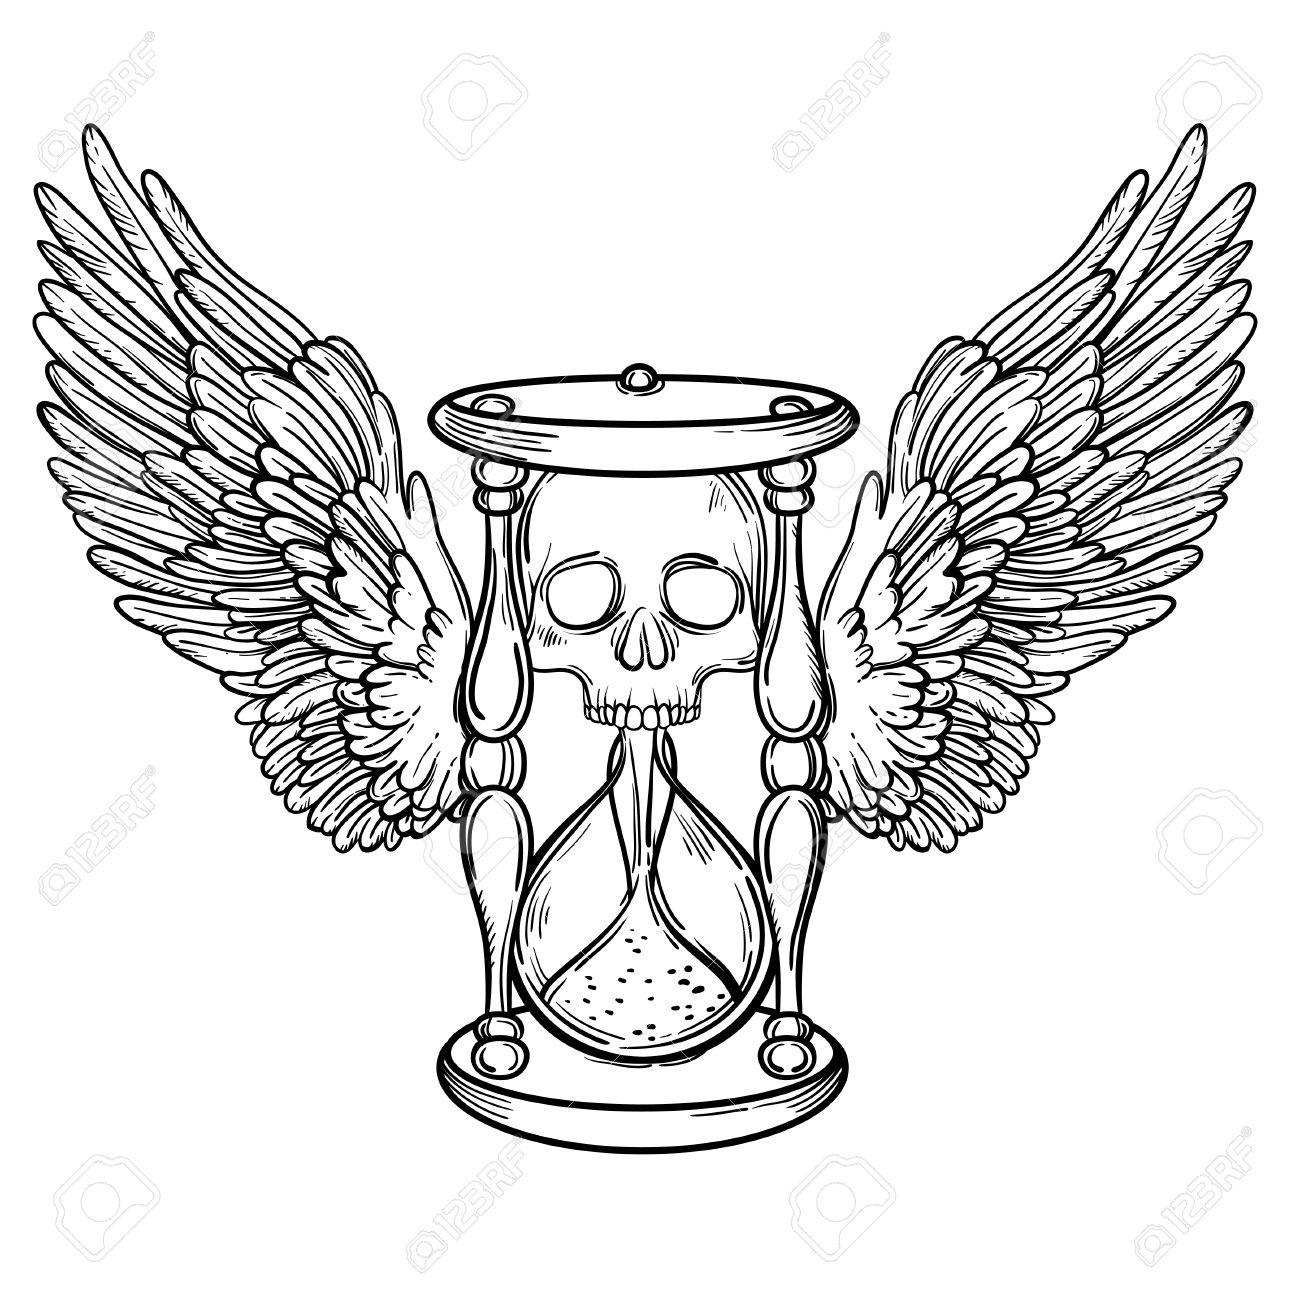 Decorativo Ejemplo Antiguo Reloj De Arena De La Muerte Con Alas Y El Cráneo Dibujado A Mano De Cartas Del Tarot Boceto De Tatuaje Diseño De La